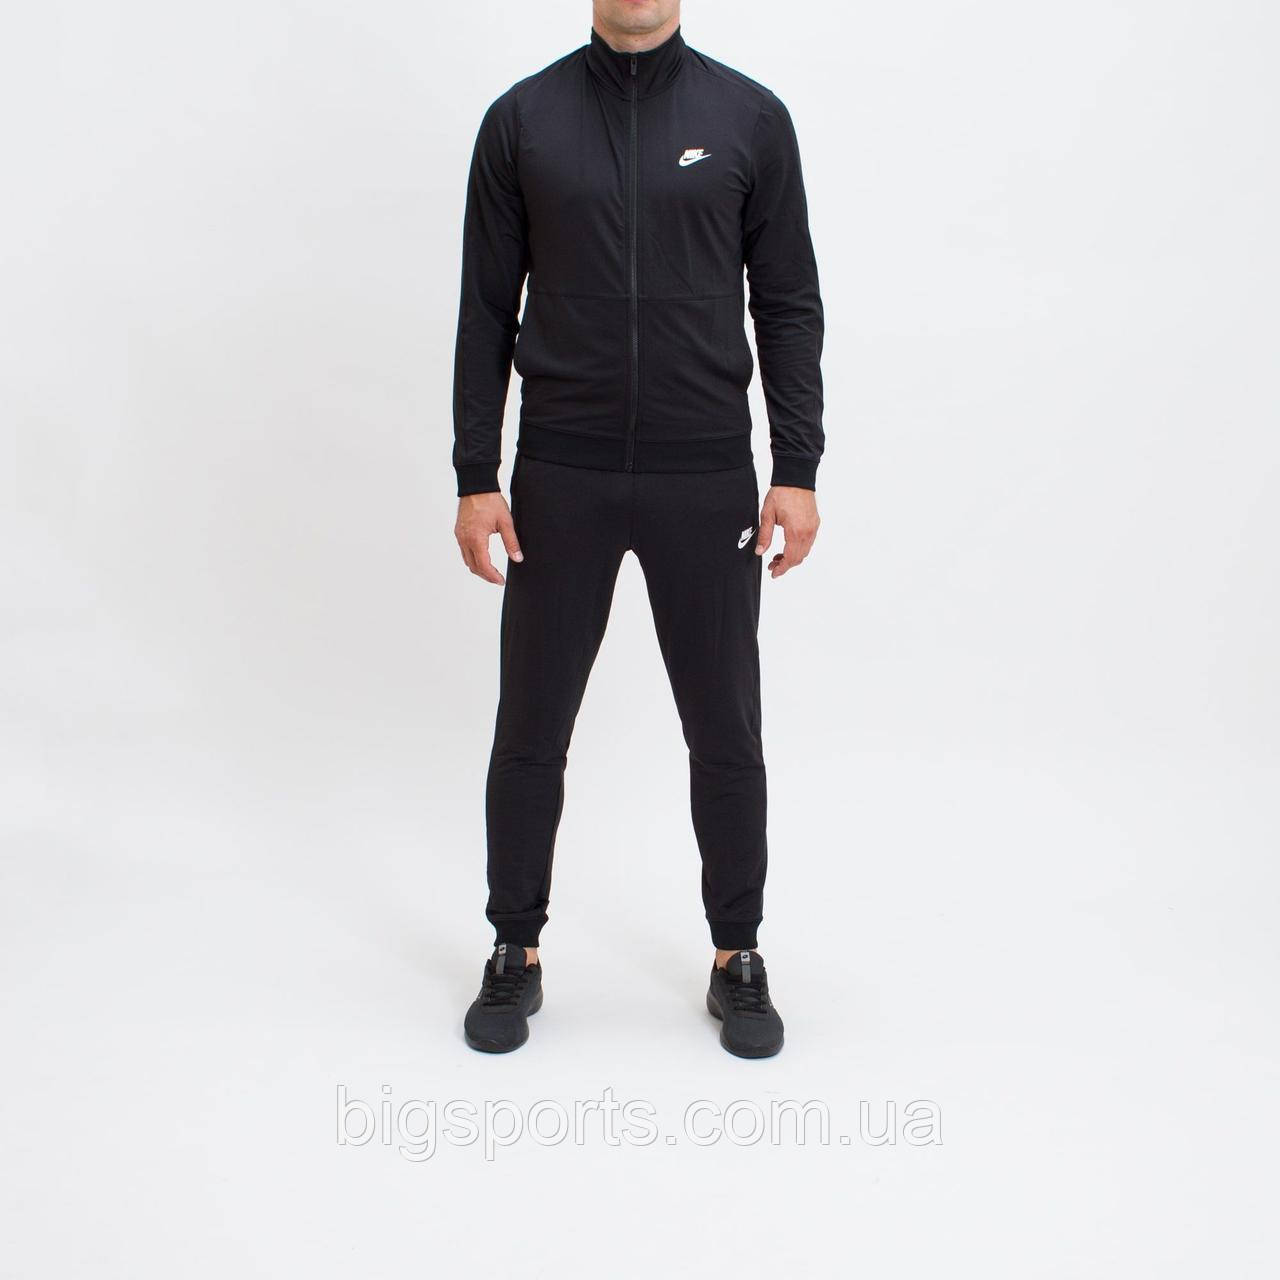 Спортивный костюм муж. Nike M Nsw Trk Suit Pk (арт. 928109-010)